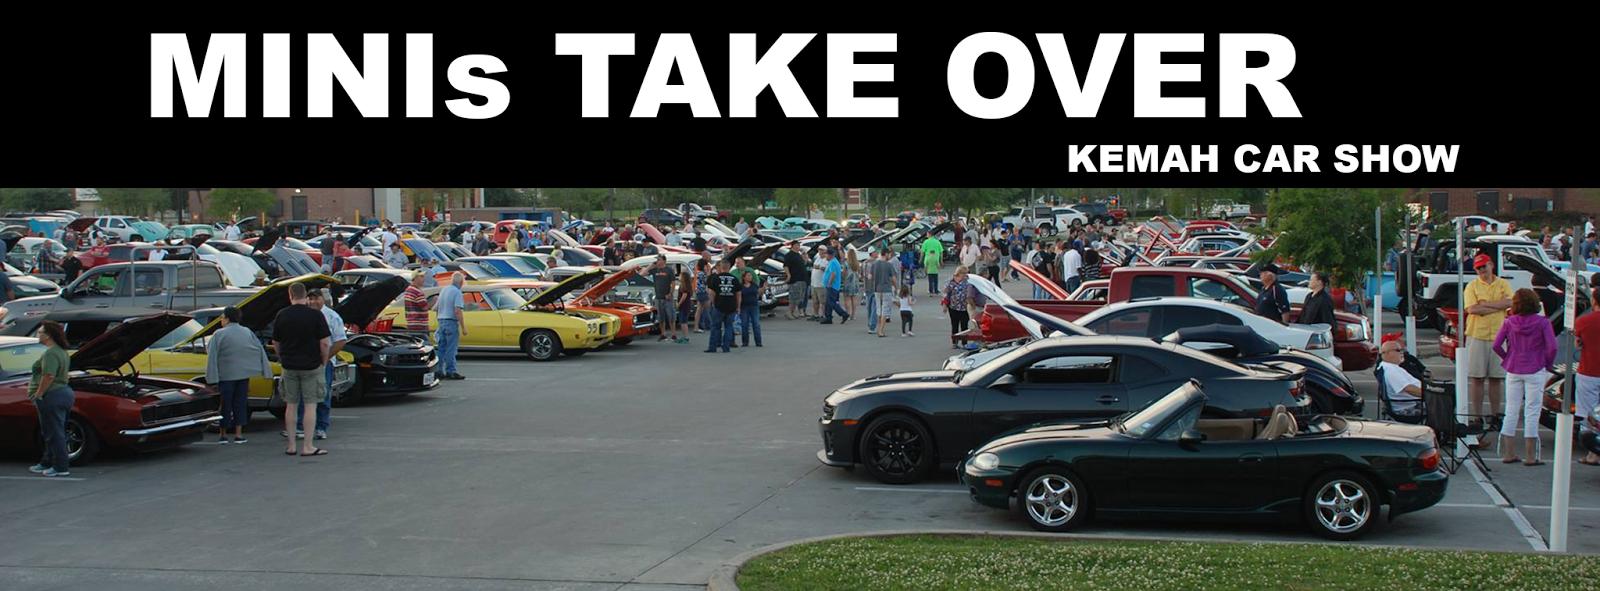 Houston Mini Motoring Society Kemah Car Show - Kemah car show